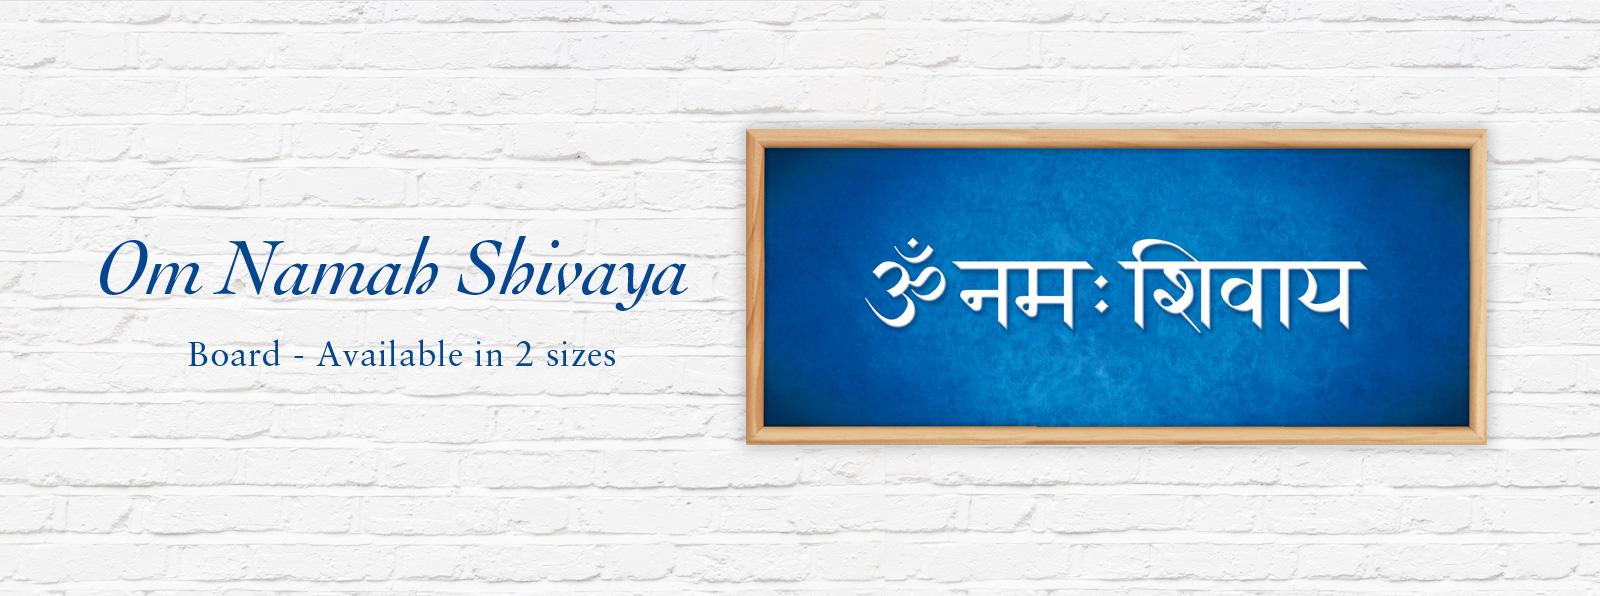 Om Namah Shivaya Board